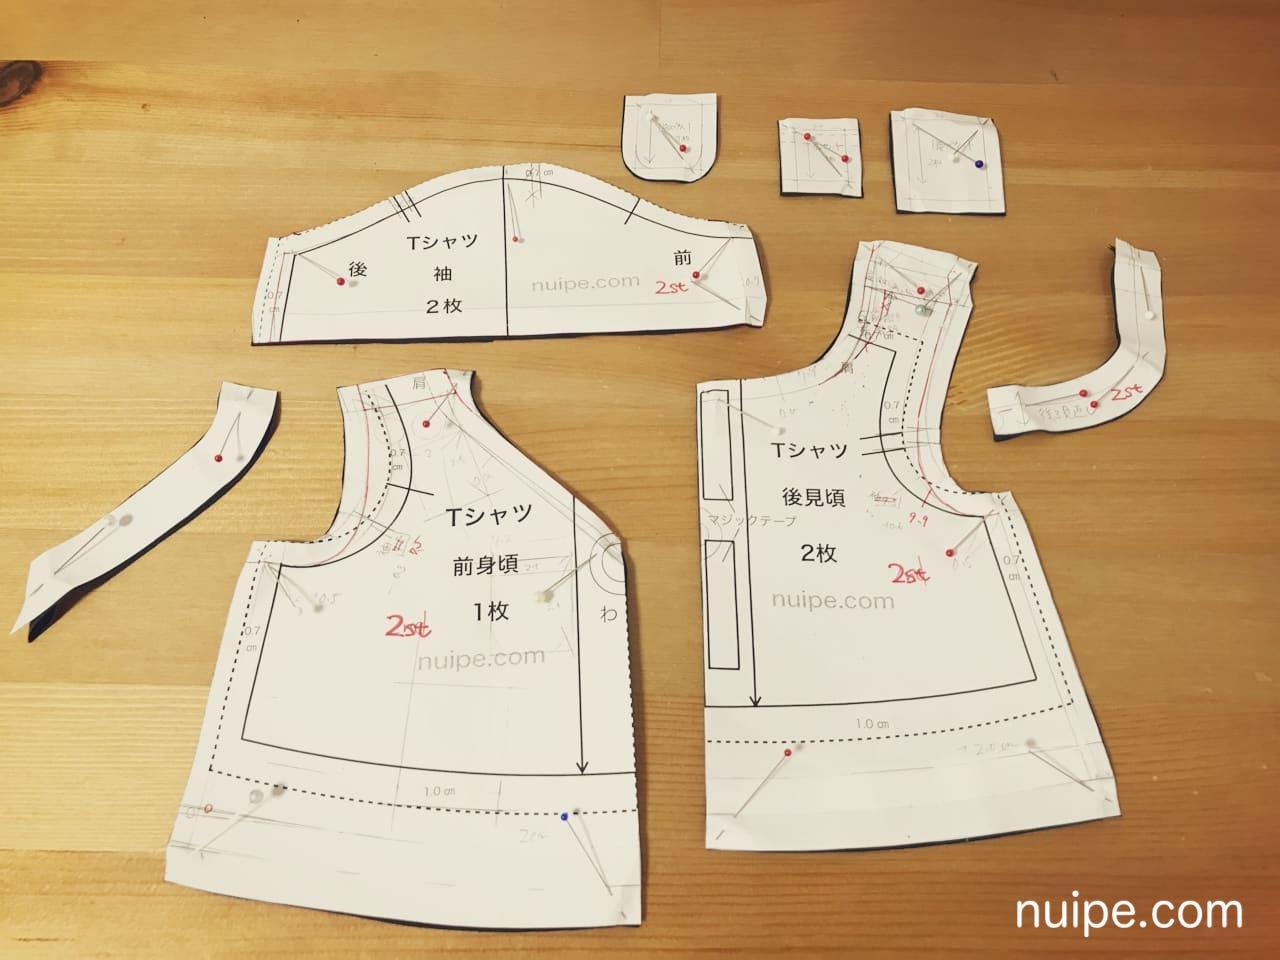 ダッフィー服作り方型紙裁断